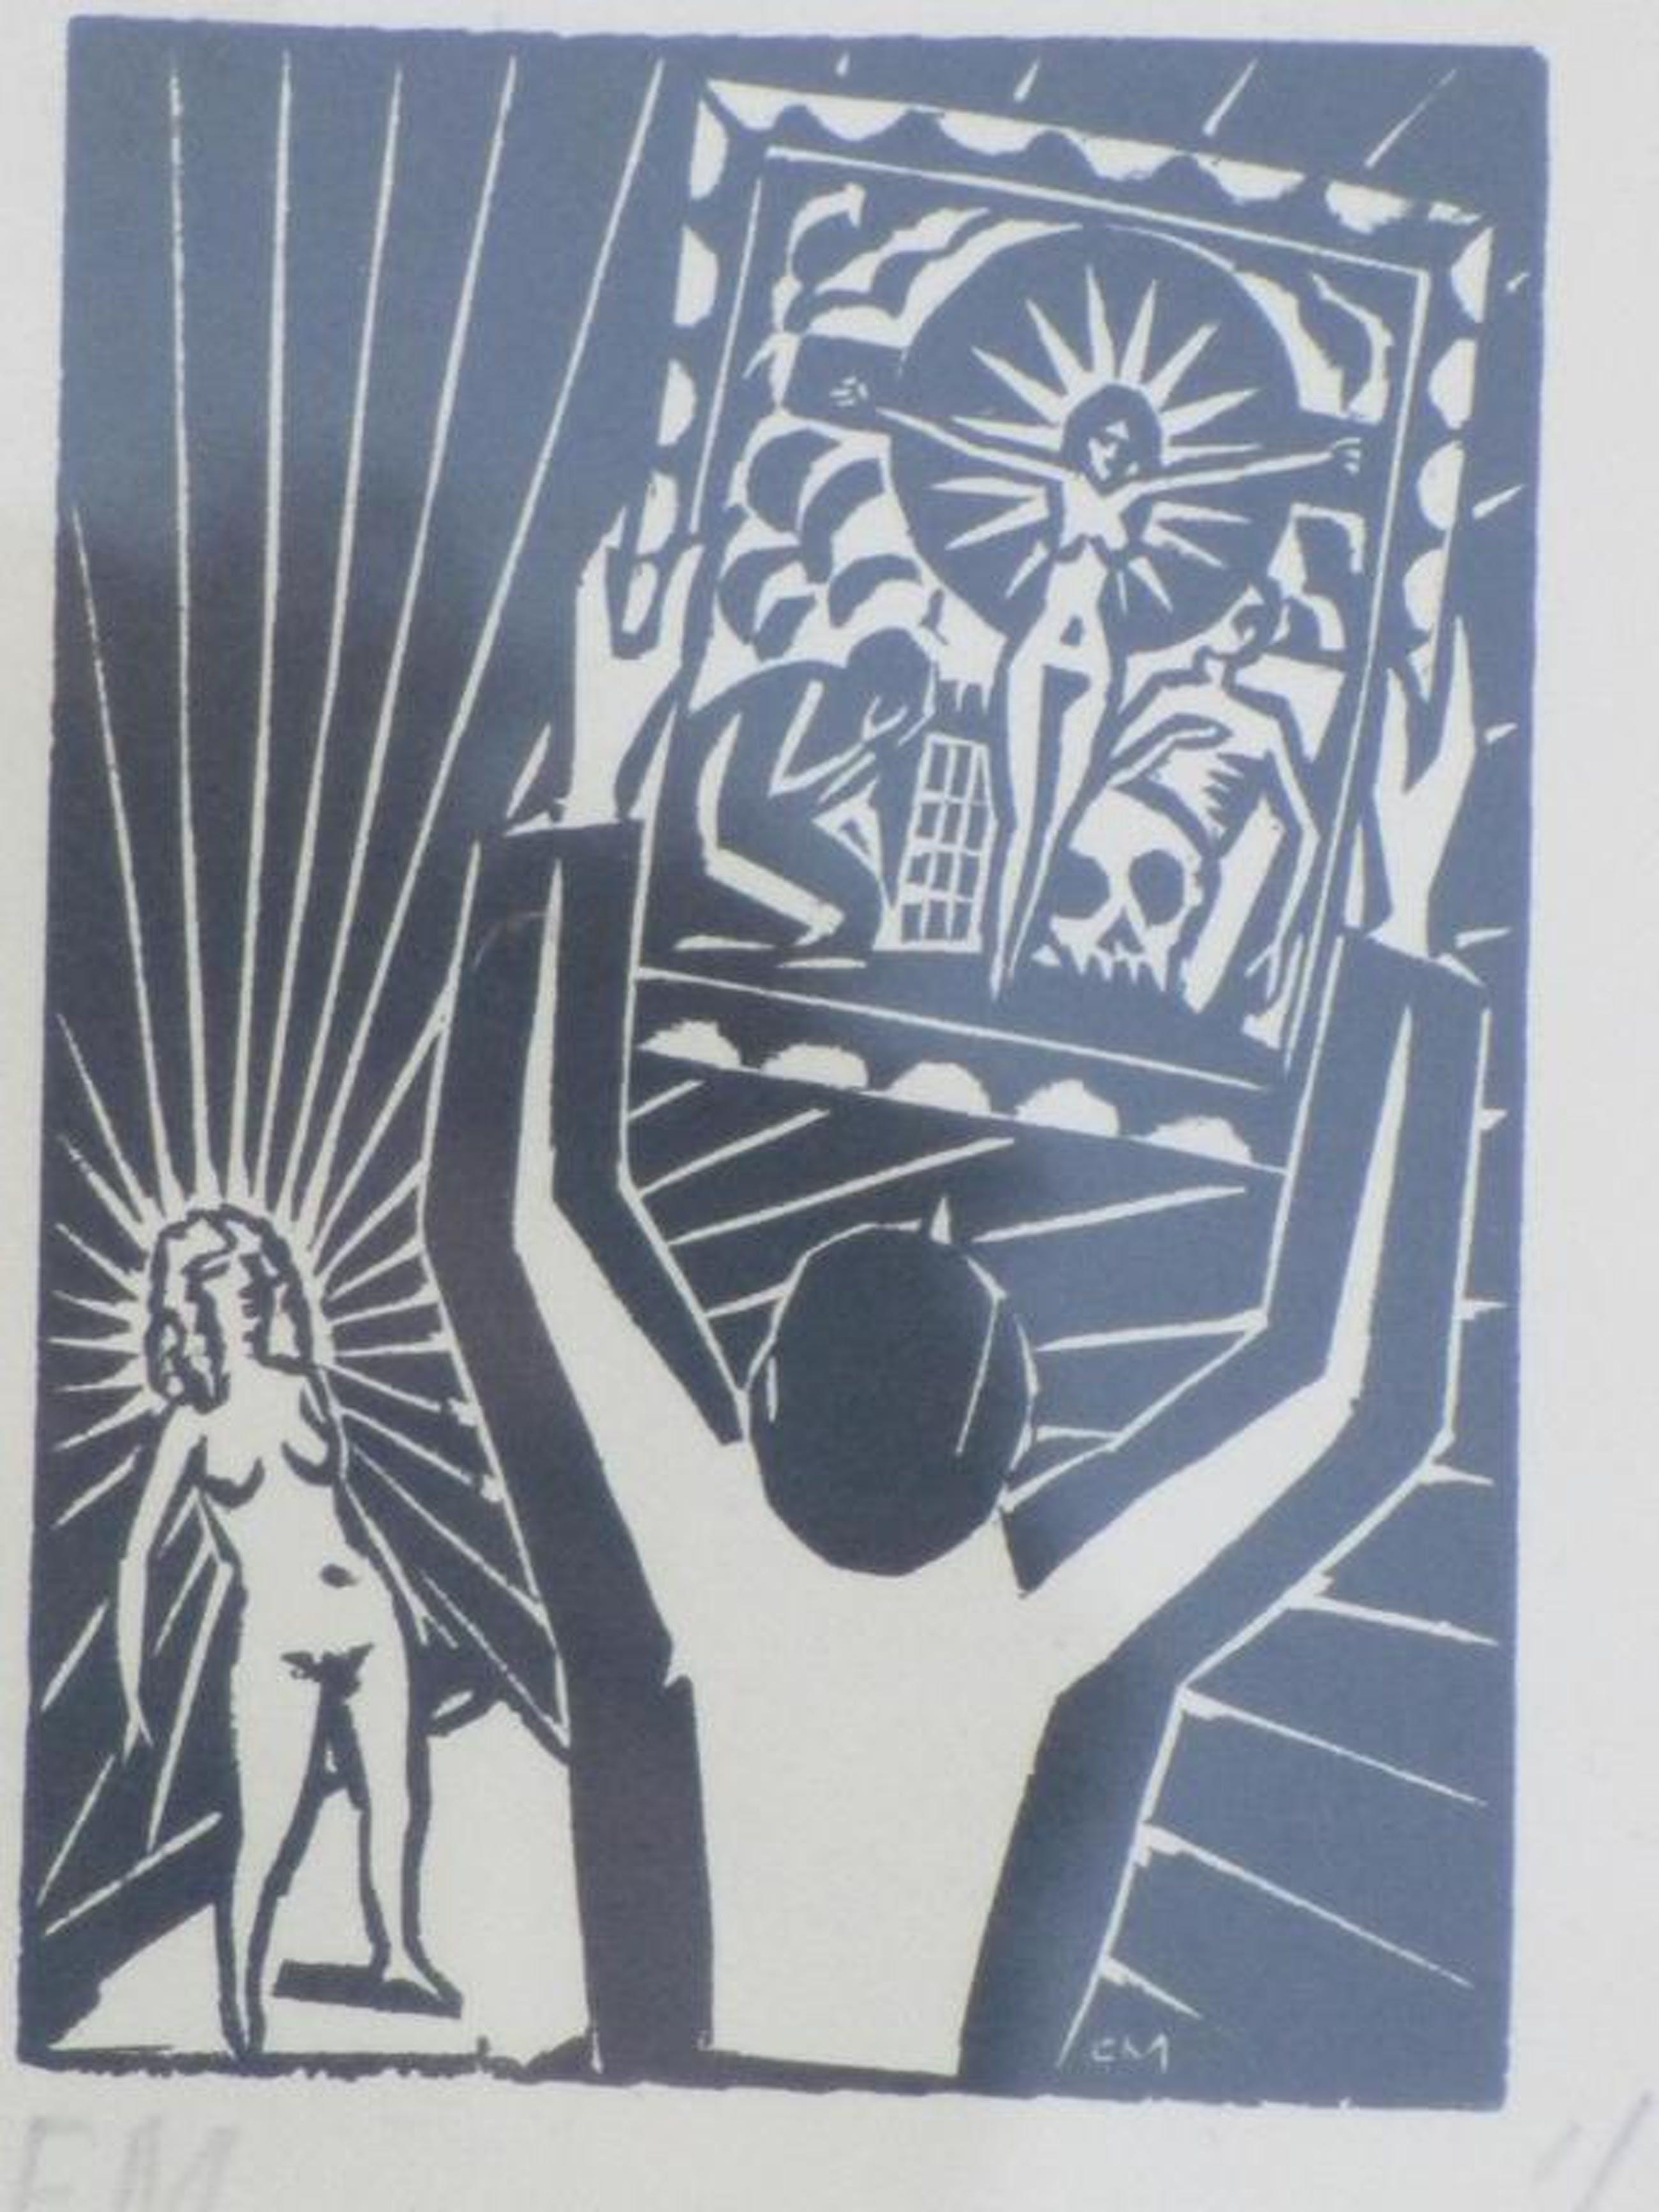 Frans Masereel, De aanbidding van de Madonna, Houtsnede kopen? Bied vanaf 40!